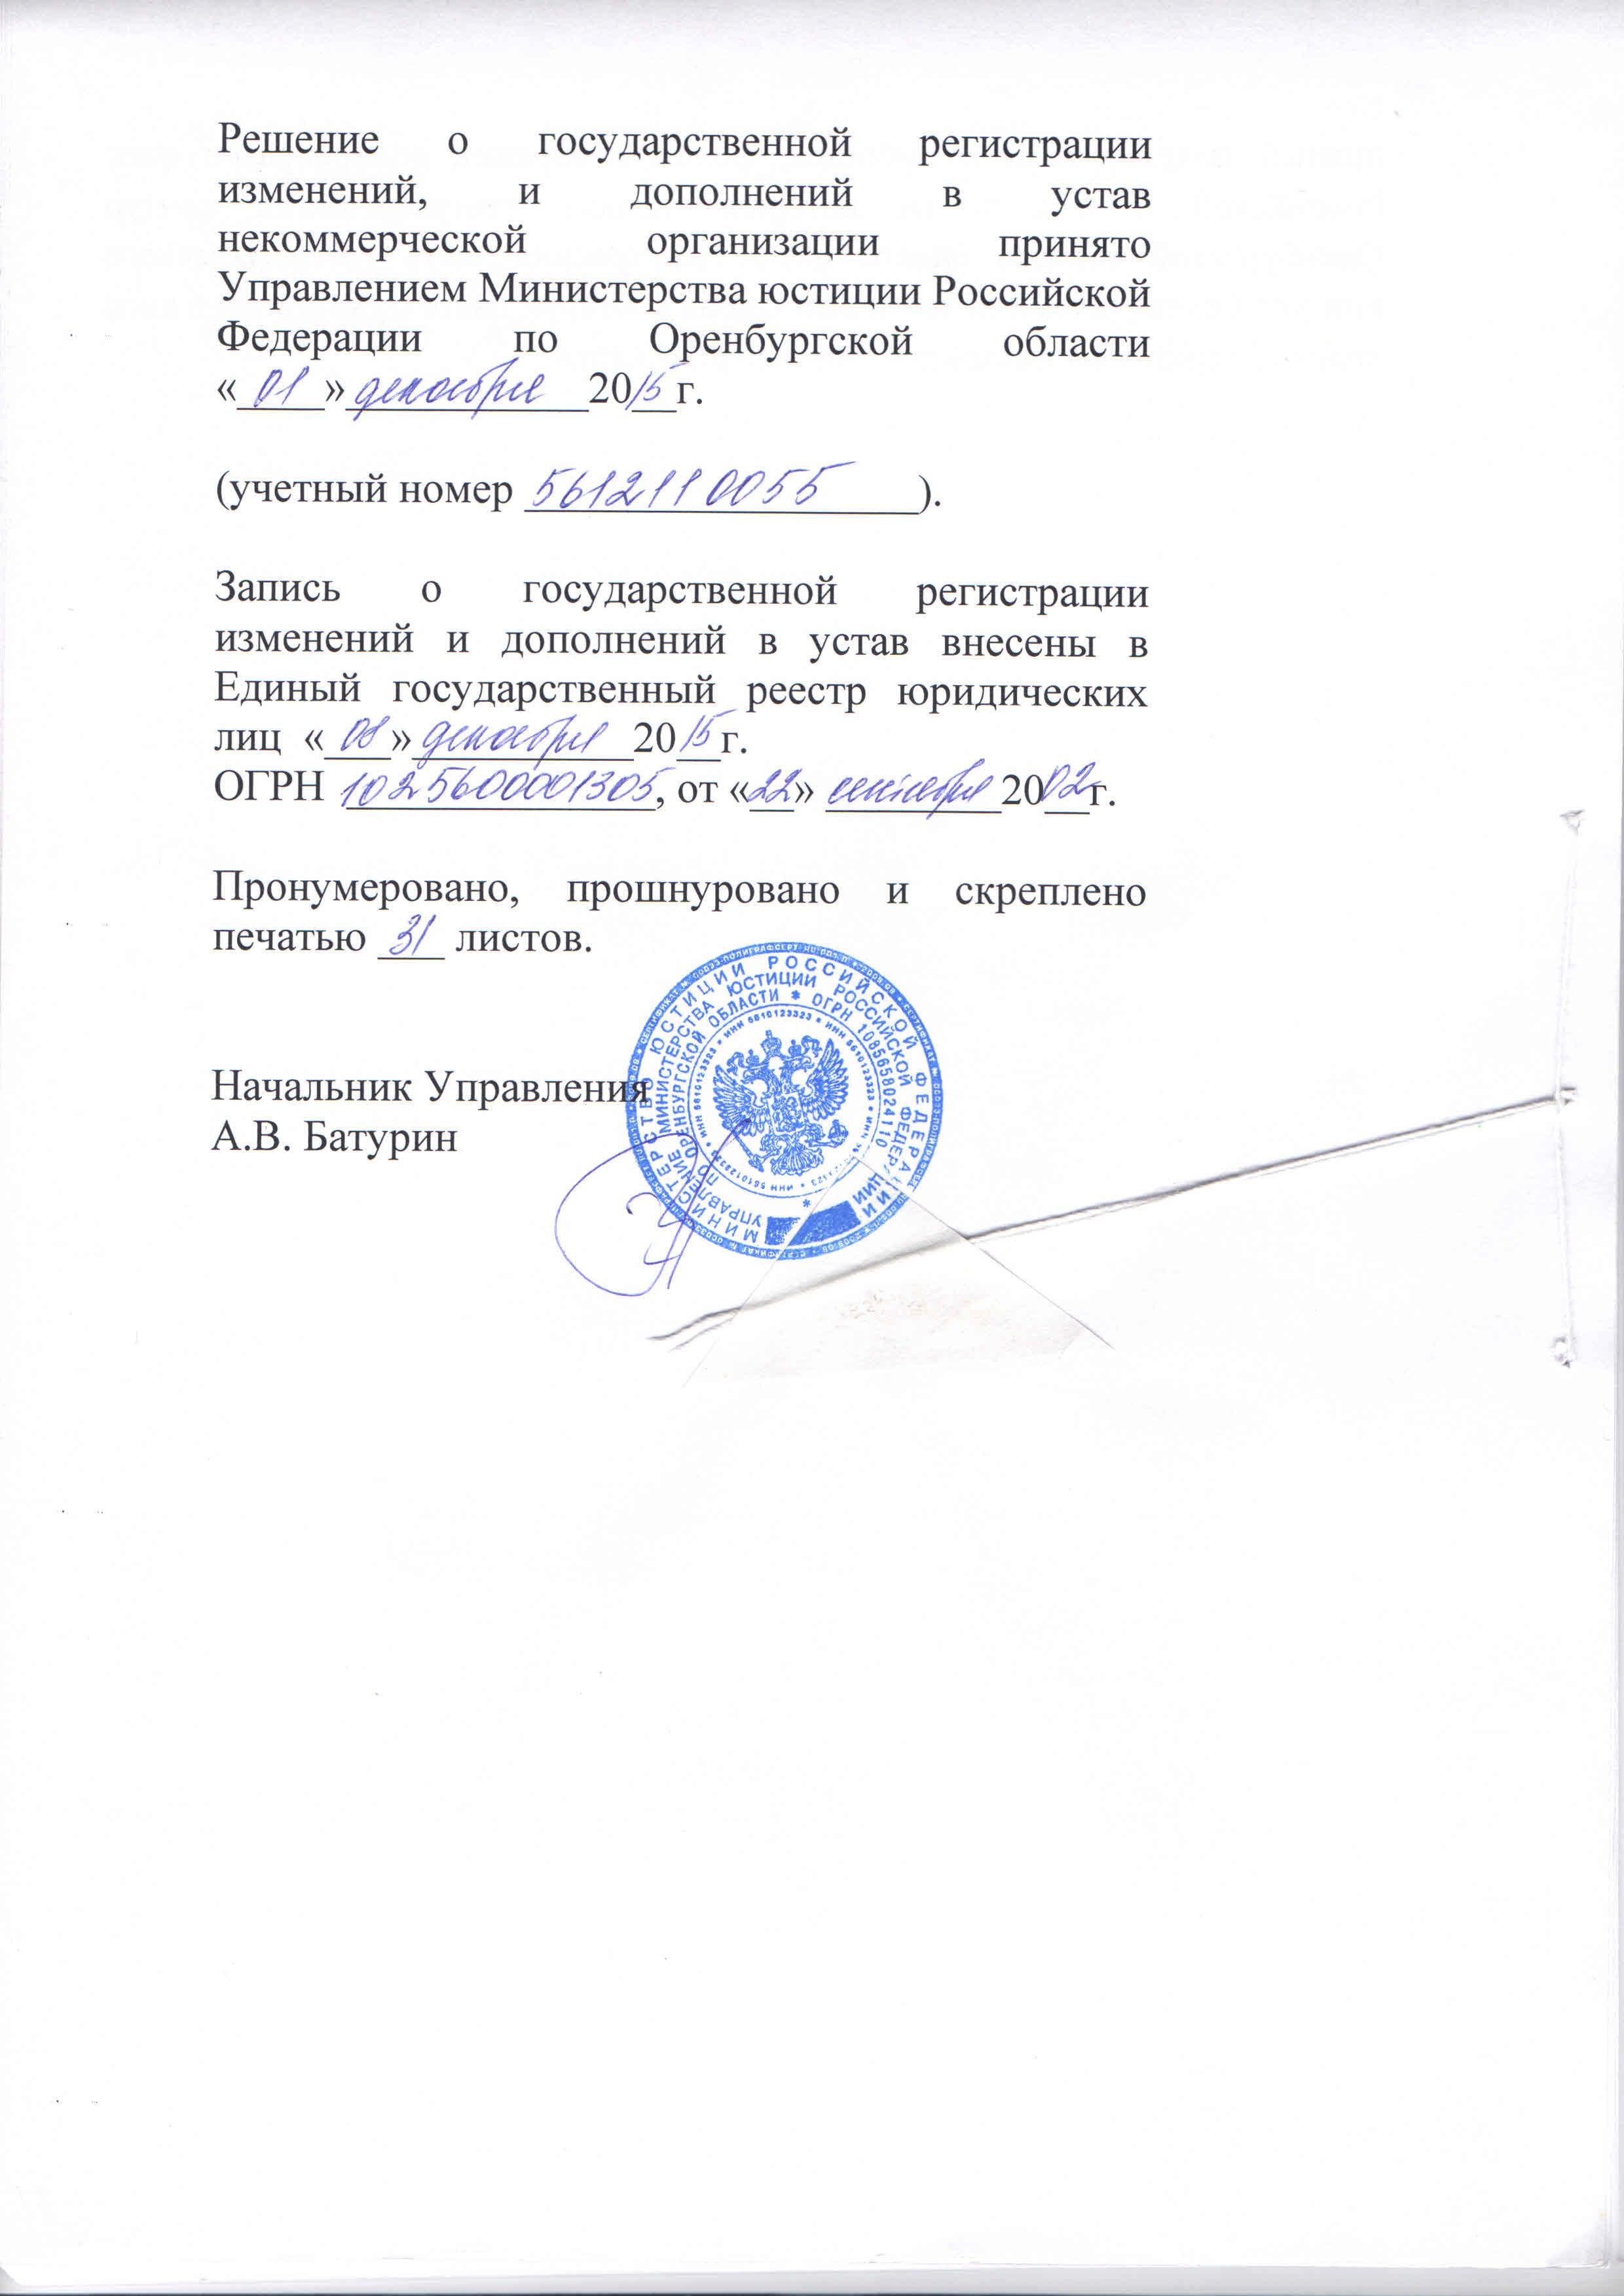 Член комиссии по урегулированию трудовых споров в оренбурге